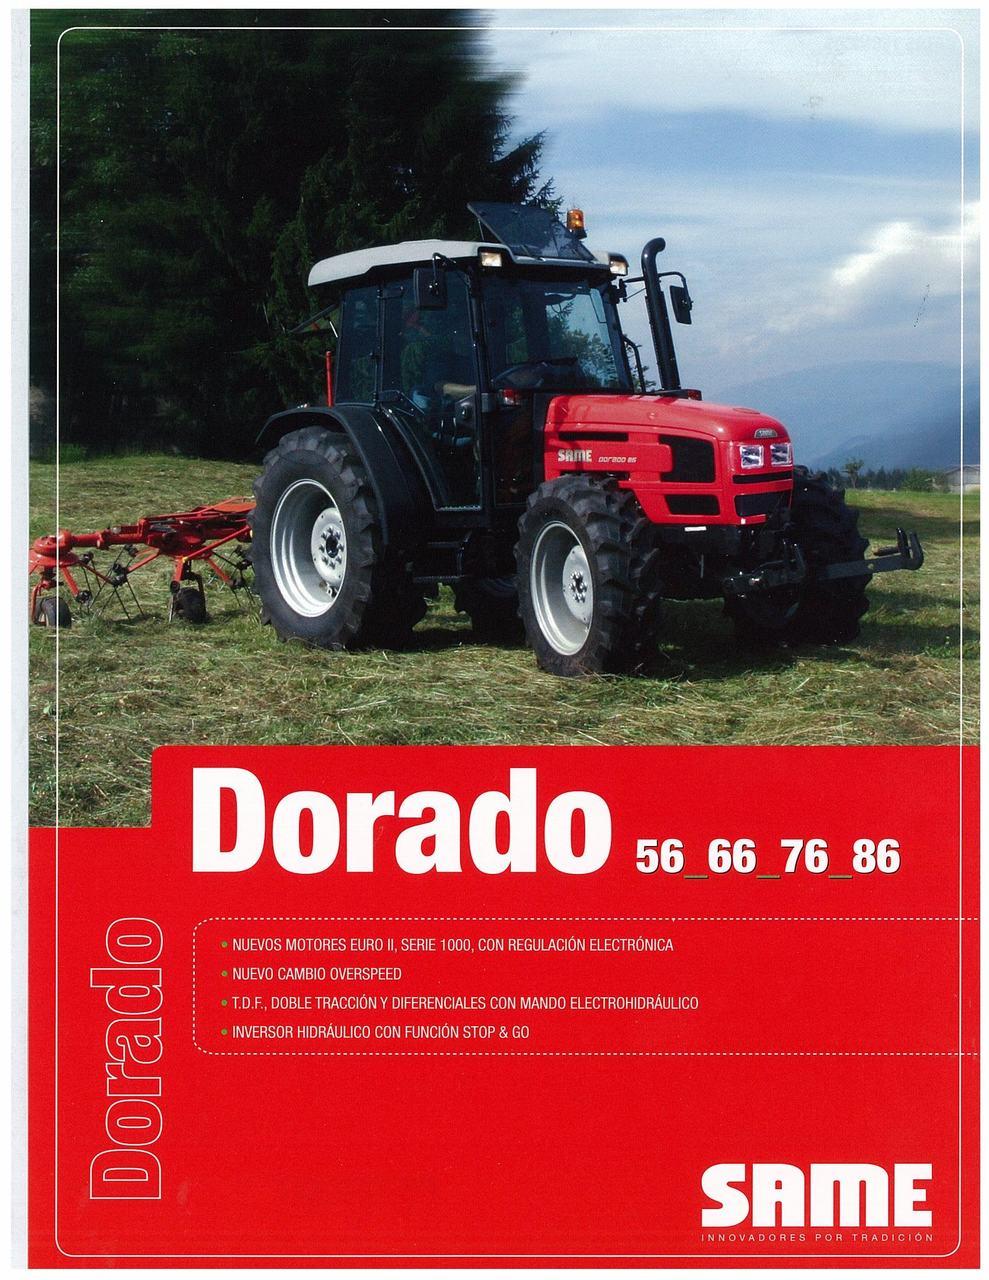 DORADO 56 - 66 - 76 - 86